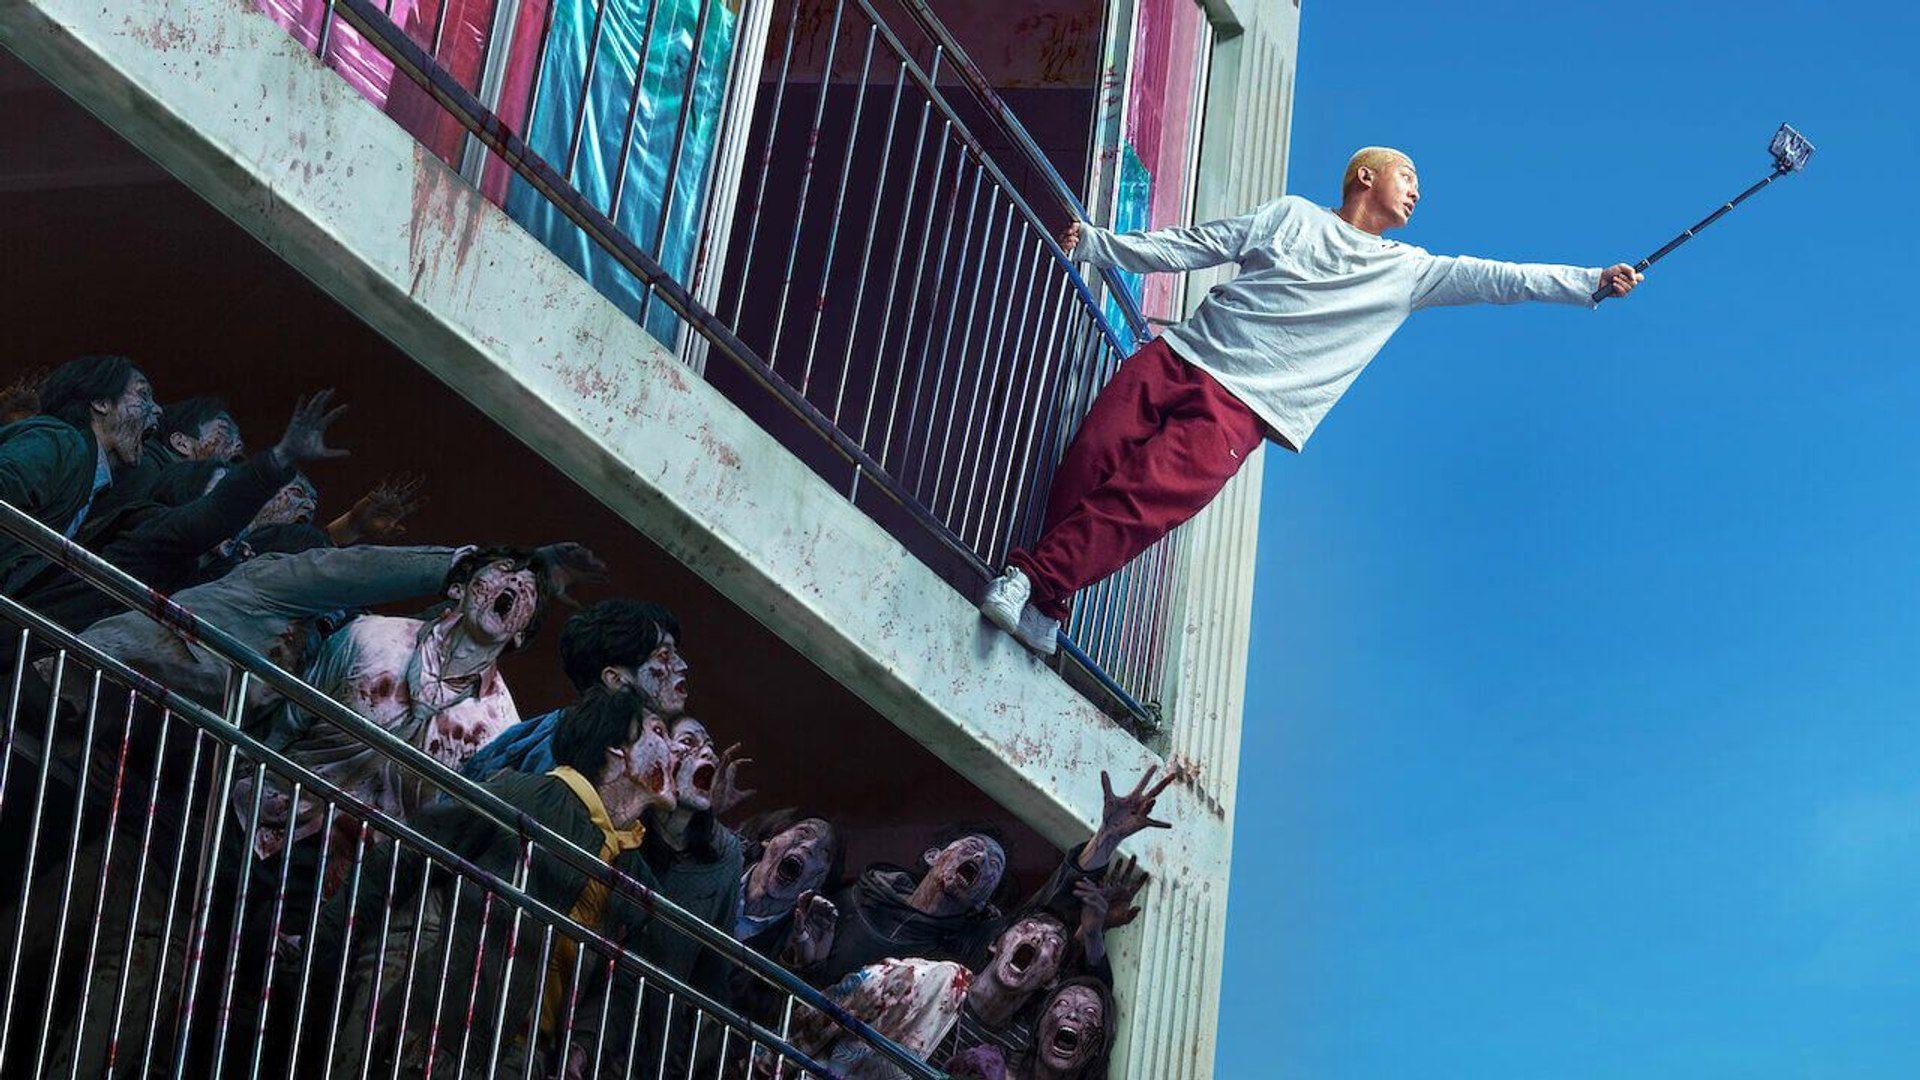 #Vivo, película de zombis coreana sobre estar encerrado rodeado de muerte.